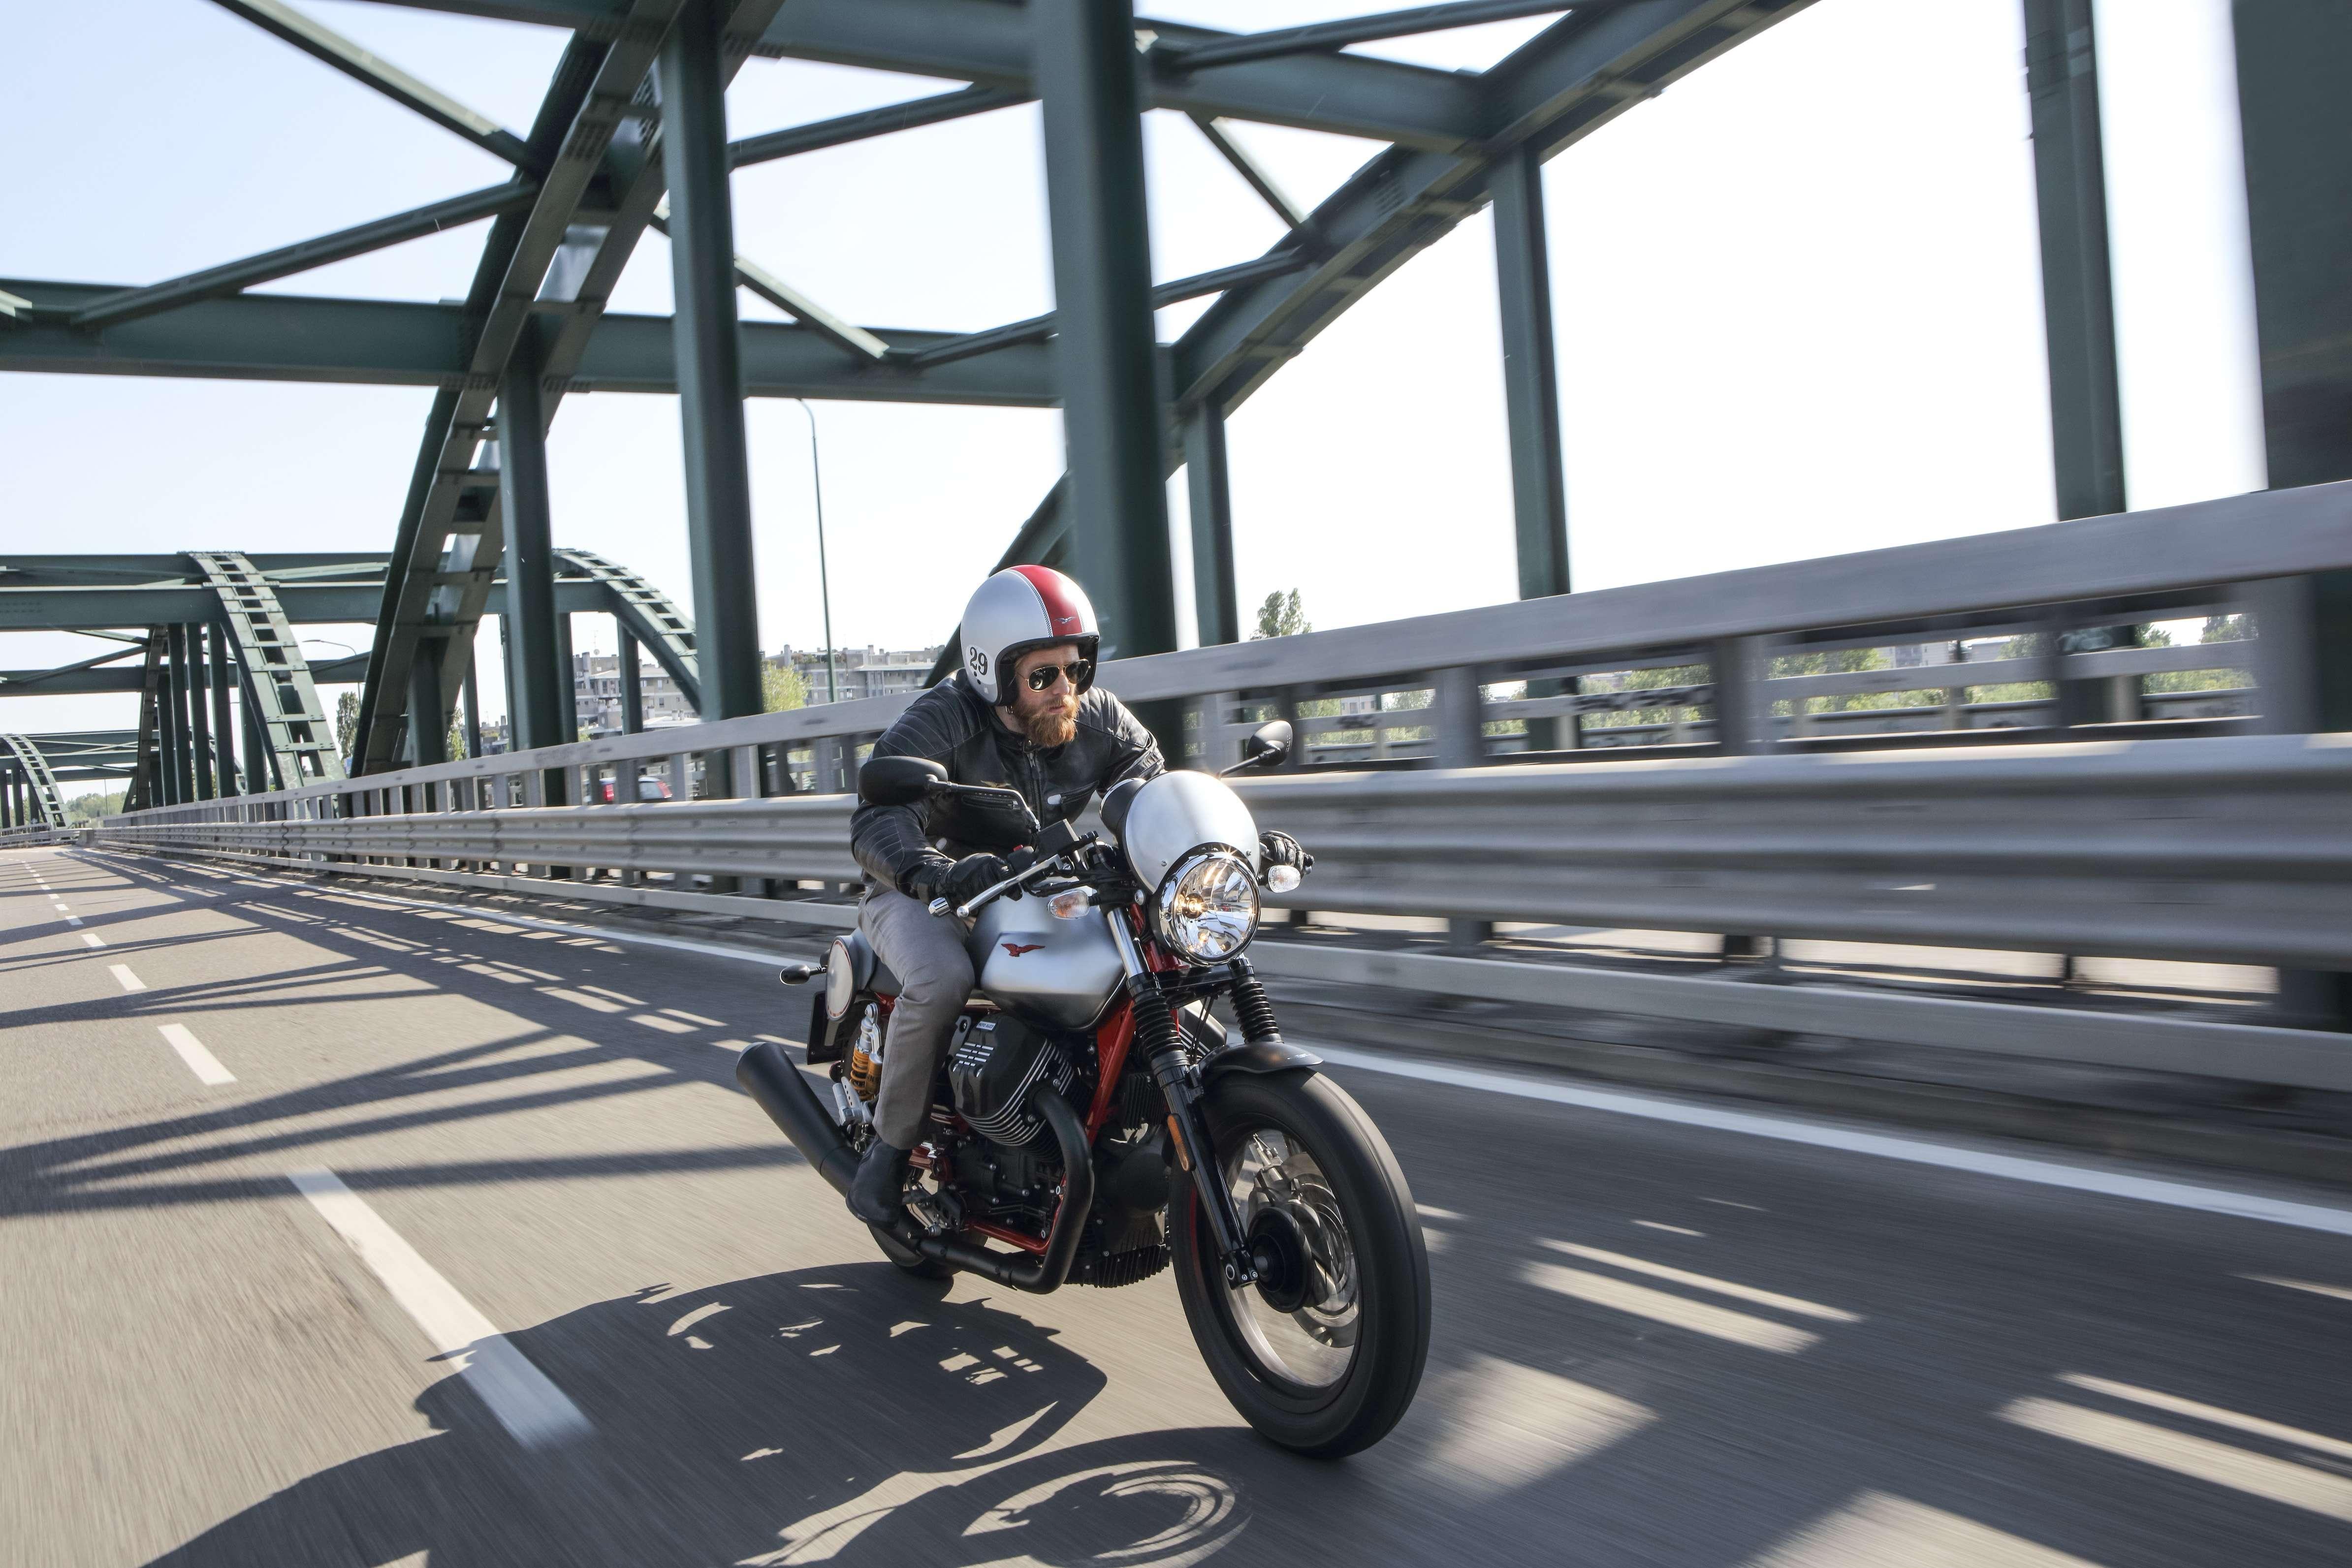 Ne manquez pas l'opportunité d'essayer la gamme Moto Guzzi le 26 mai!